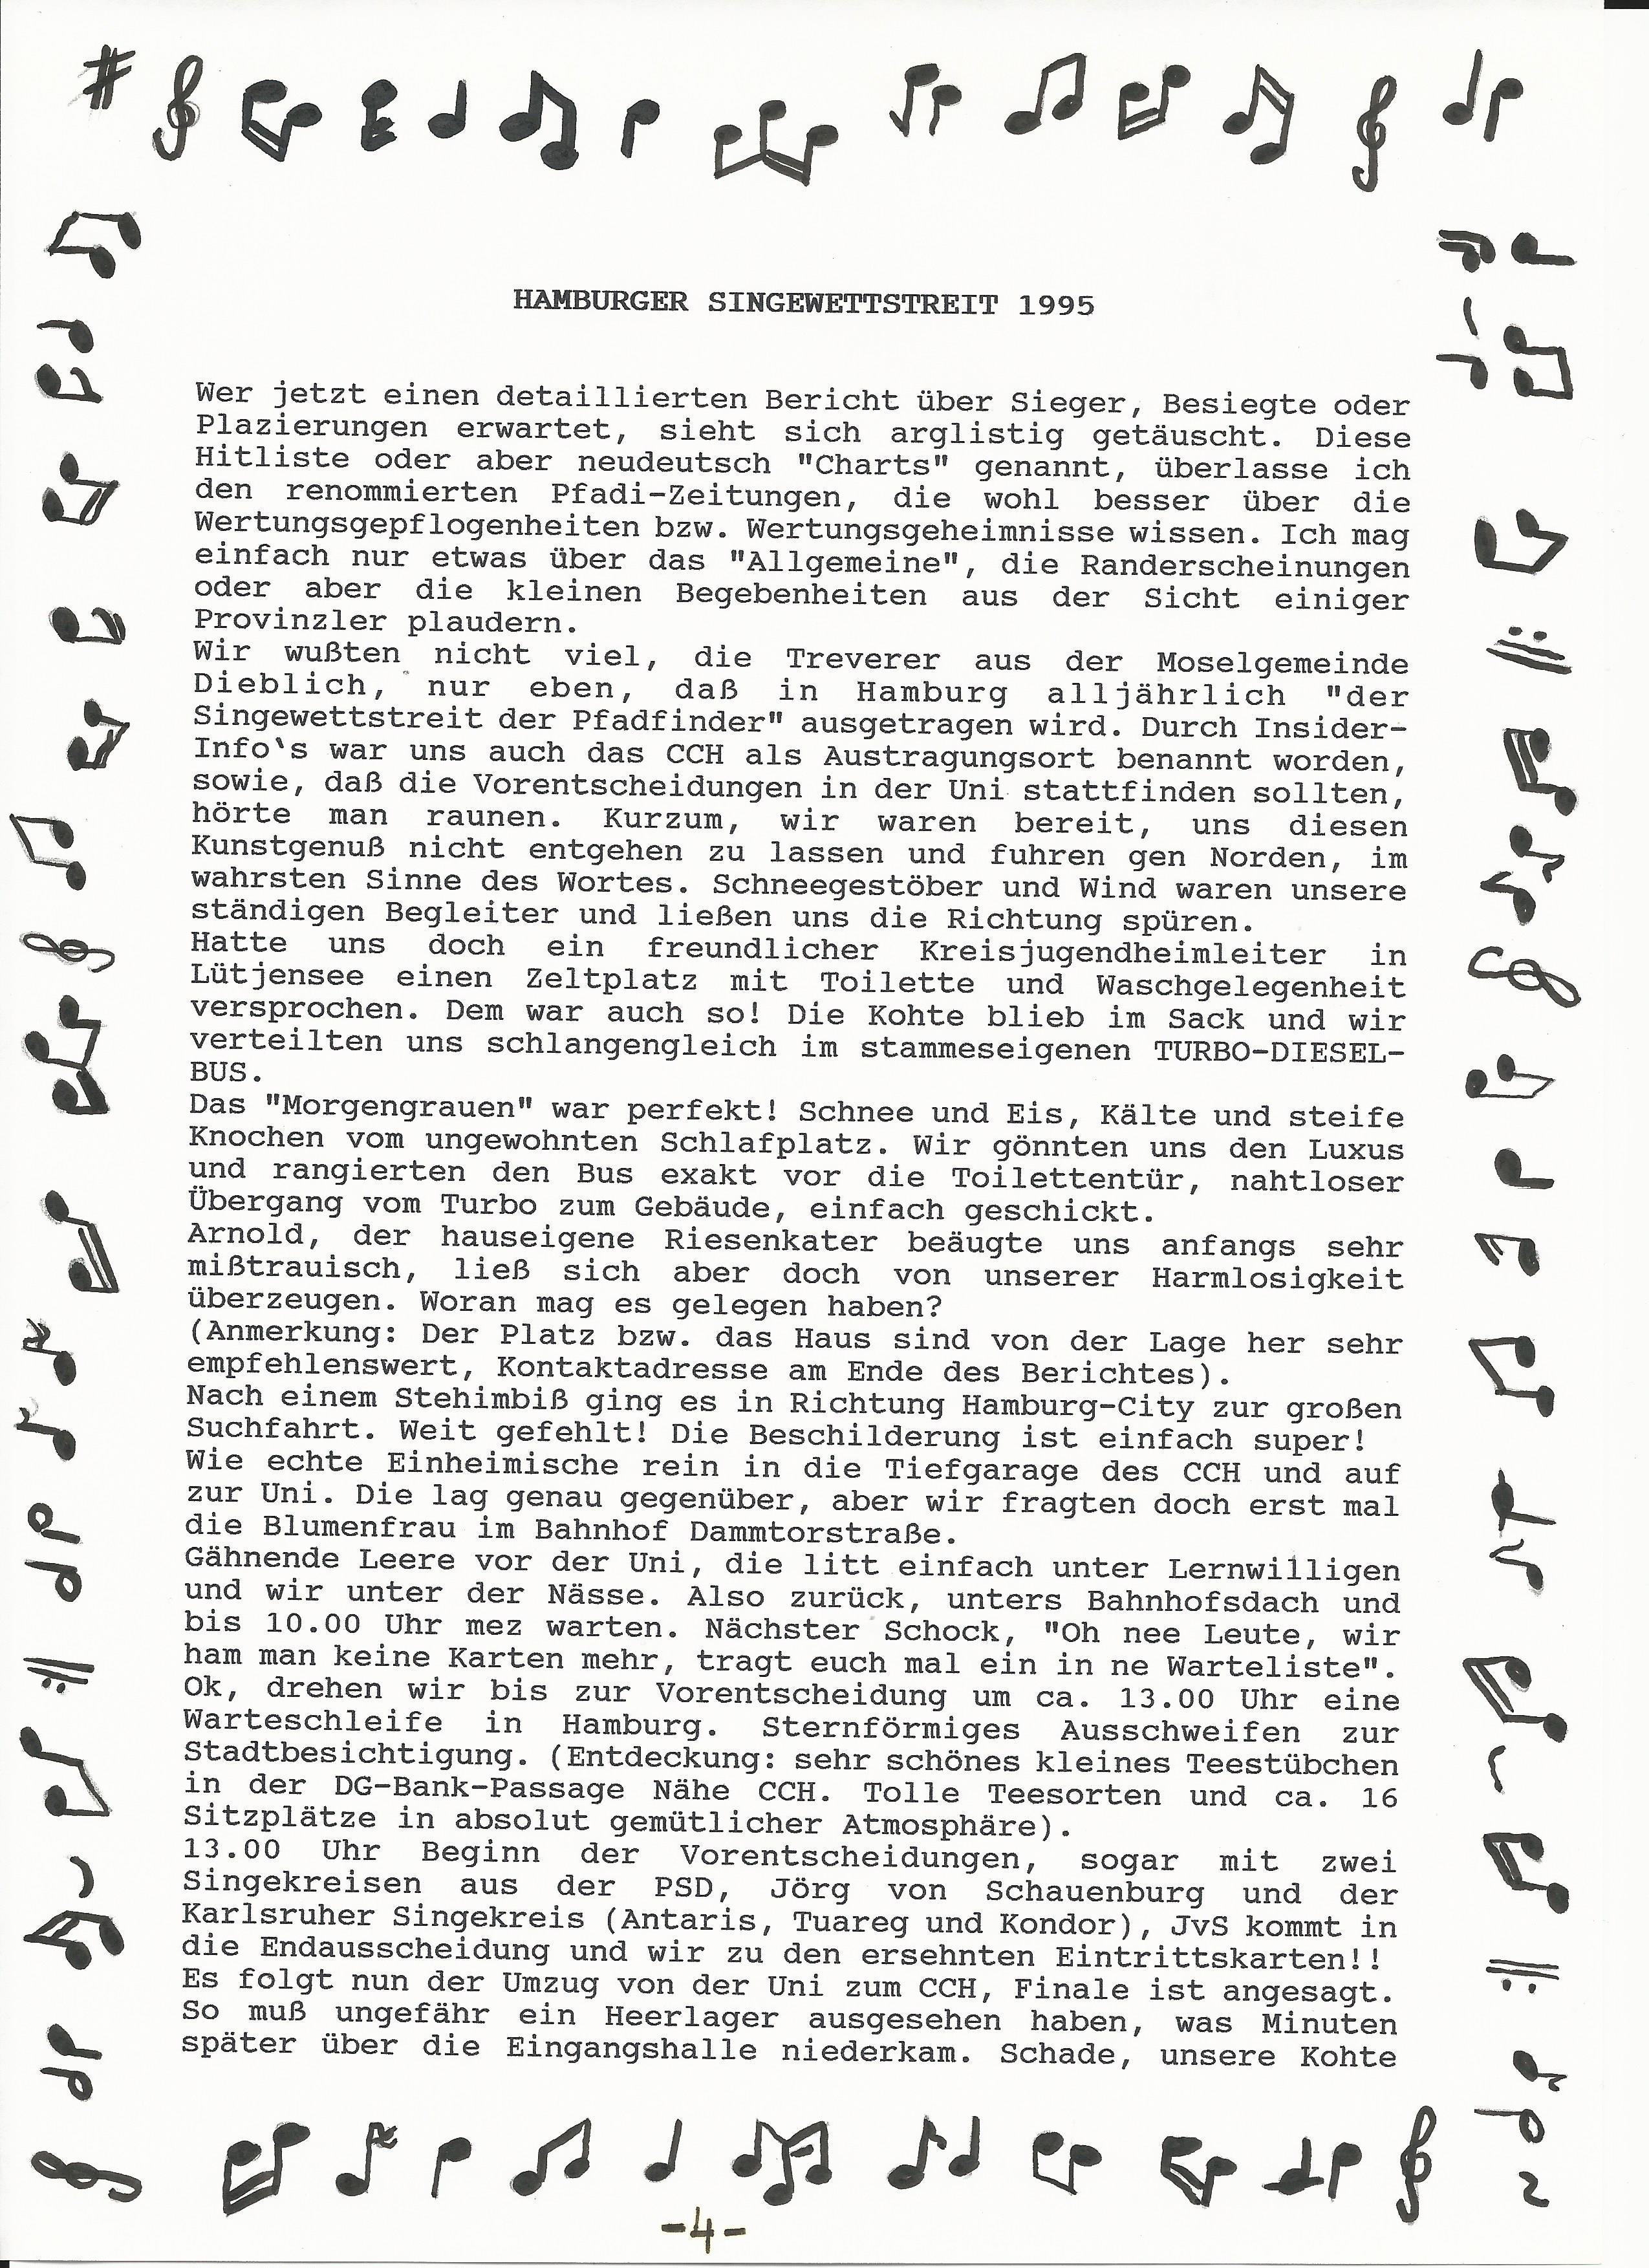 Hamburger Singewettstreit 19950001